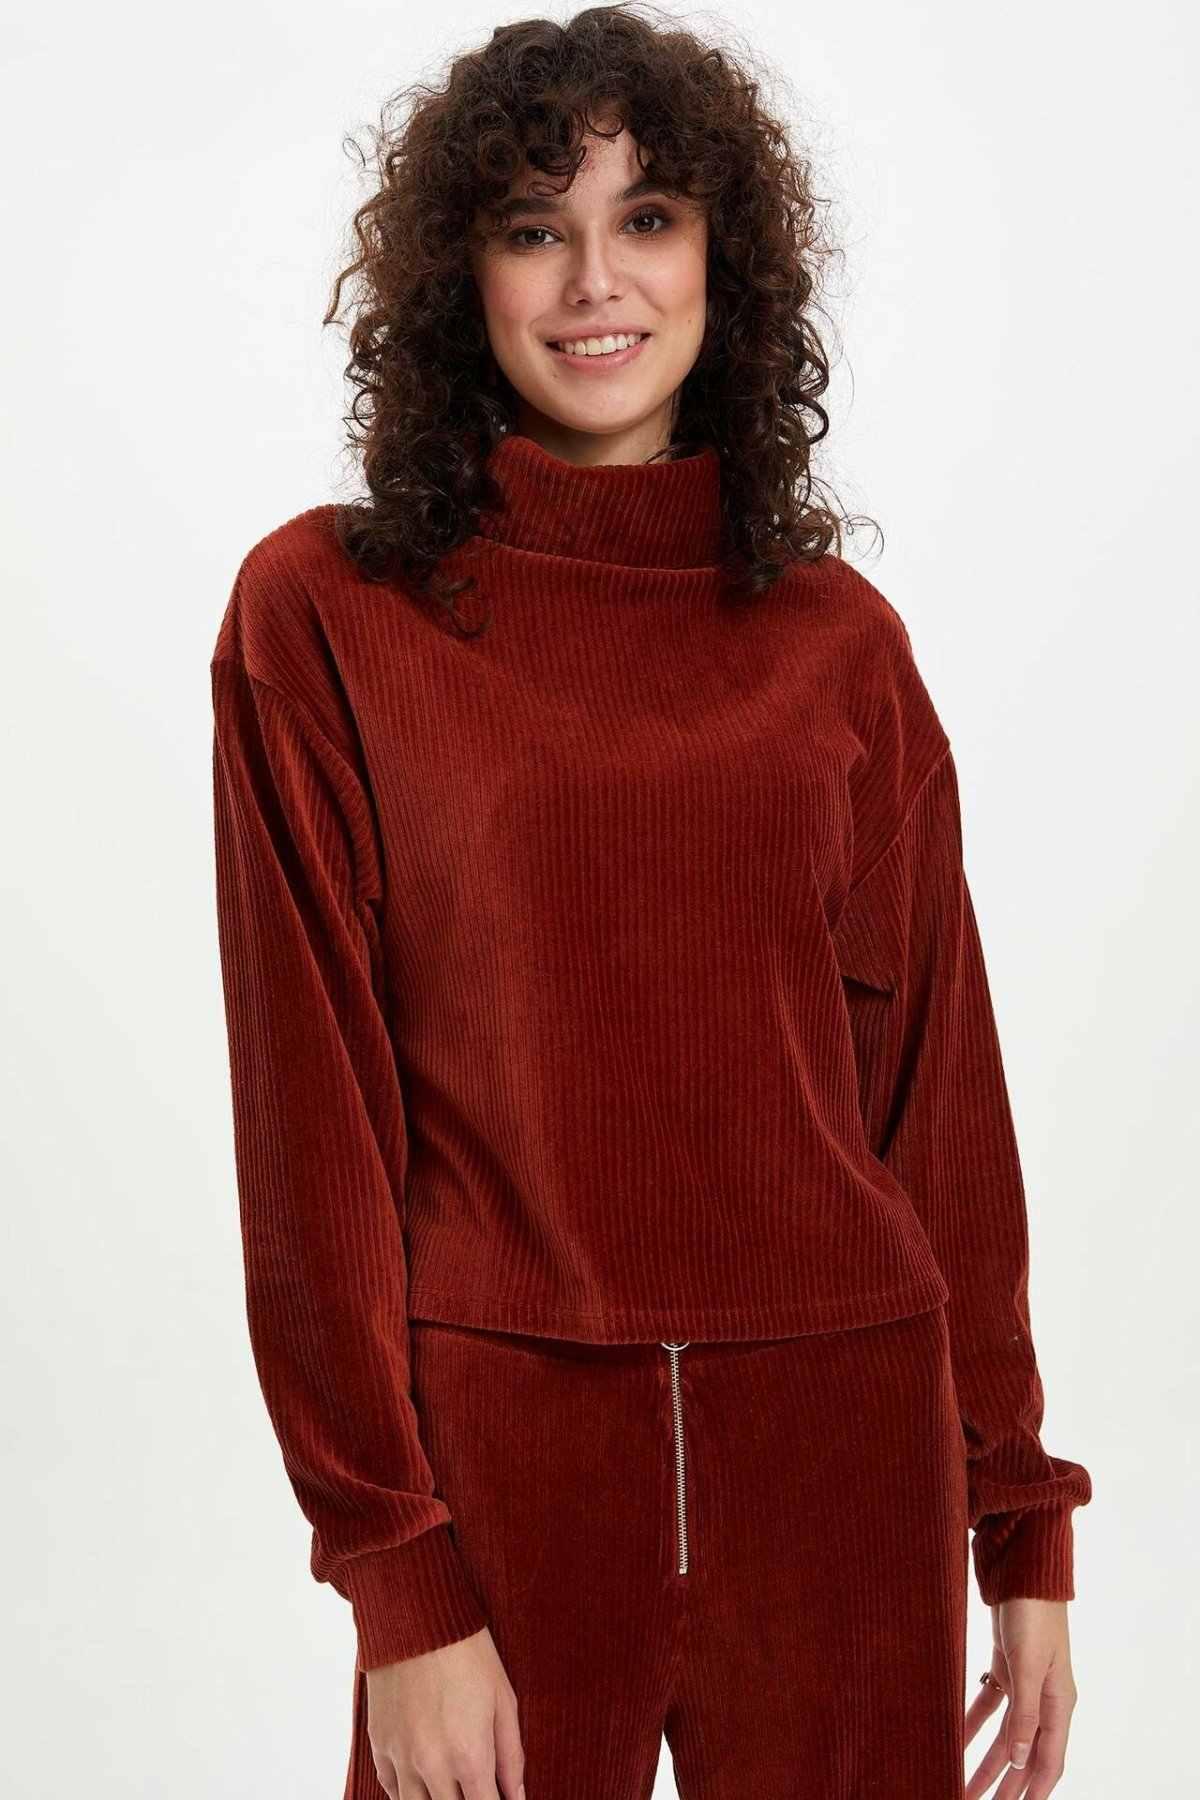 بحكم الأمر الواقع امرأة النبيذ الأحمر سروال قصير كم طويل تي شيرت المرأة الشتاء الياقة المدورة البلوفرات المرأة الدافئة Cloth-M2107AZ19WN